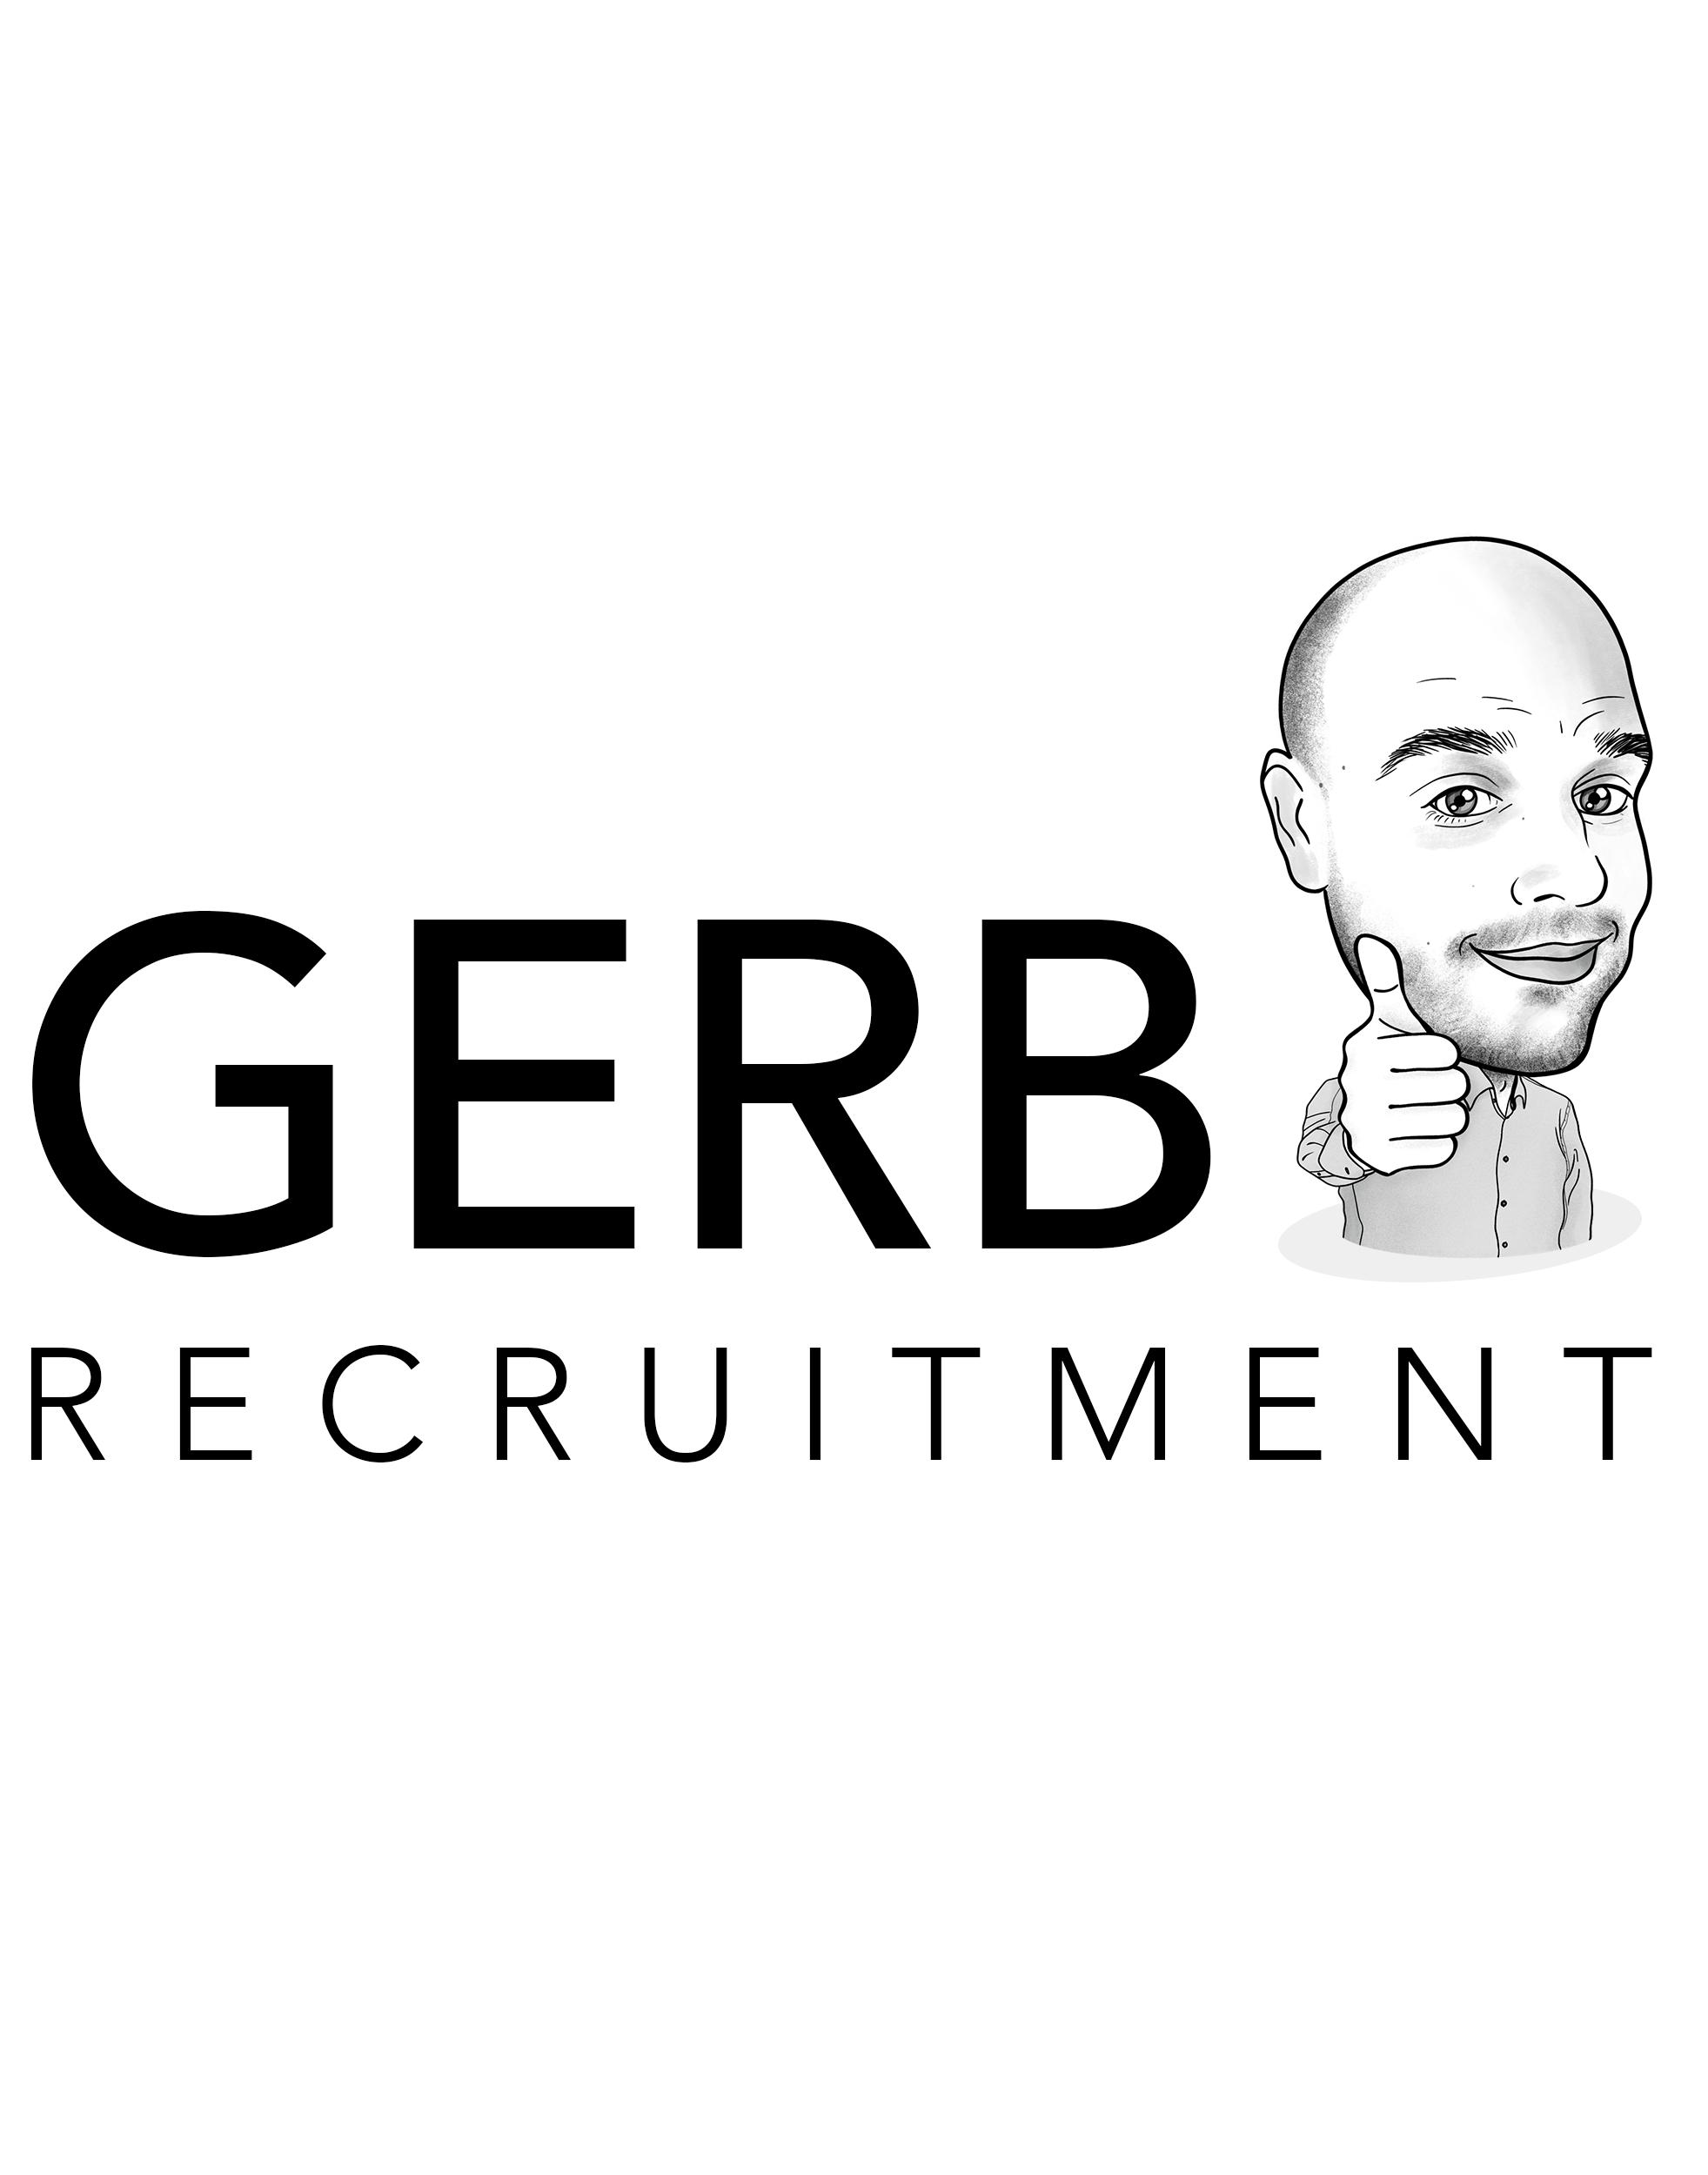 Gerb Recruitment